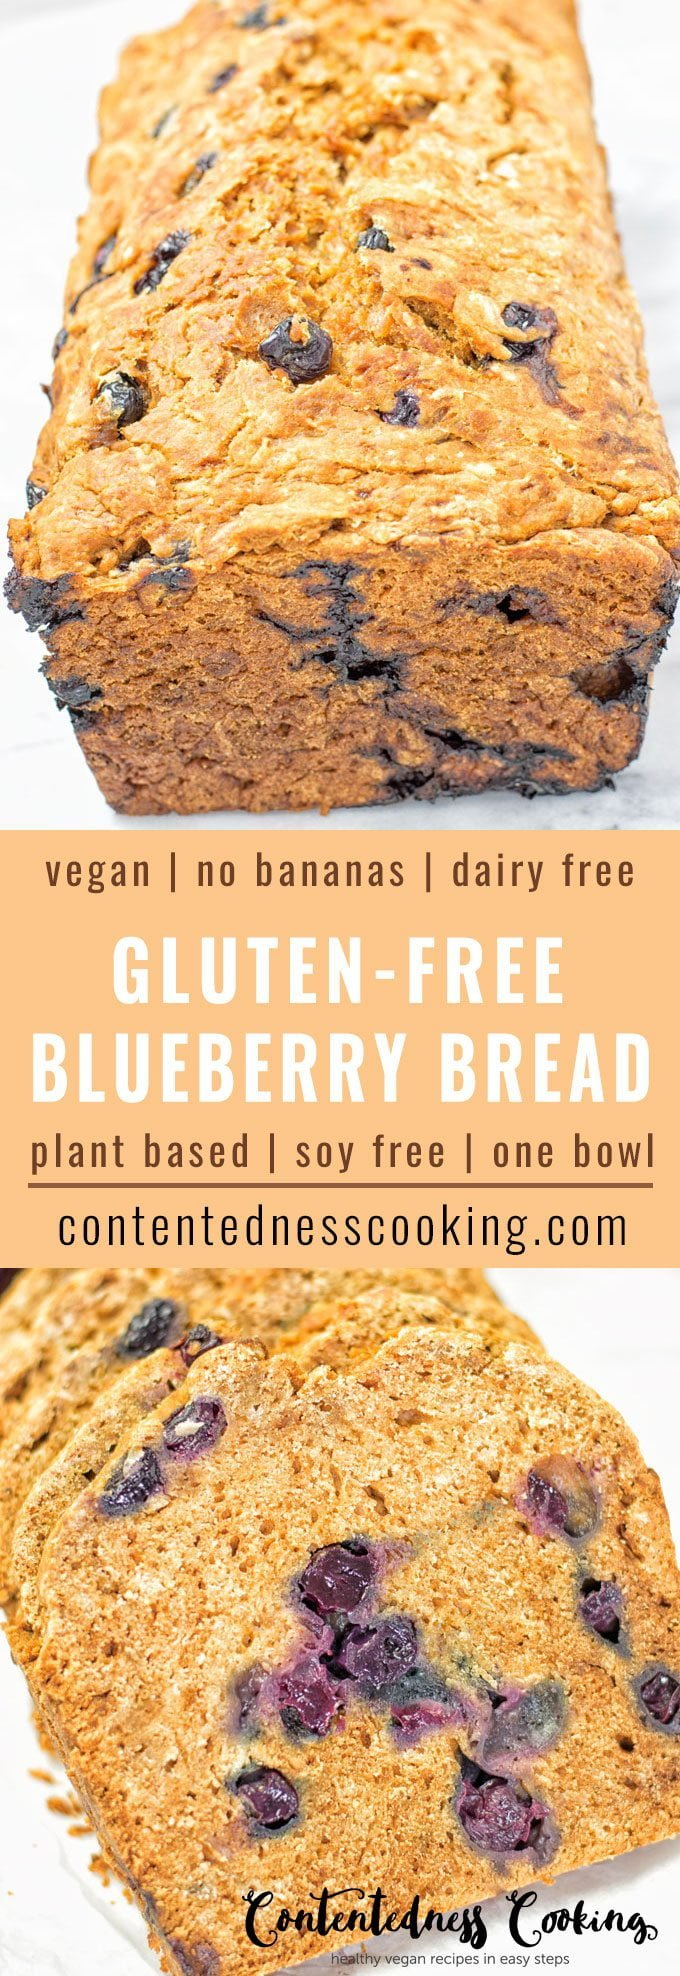 Gluten-Free Blueberry Bread | #vegan #glutenfree #contentednesscooking #plantbased #dairyfree #soyfree